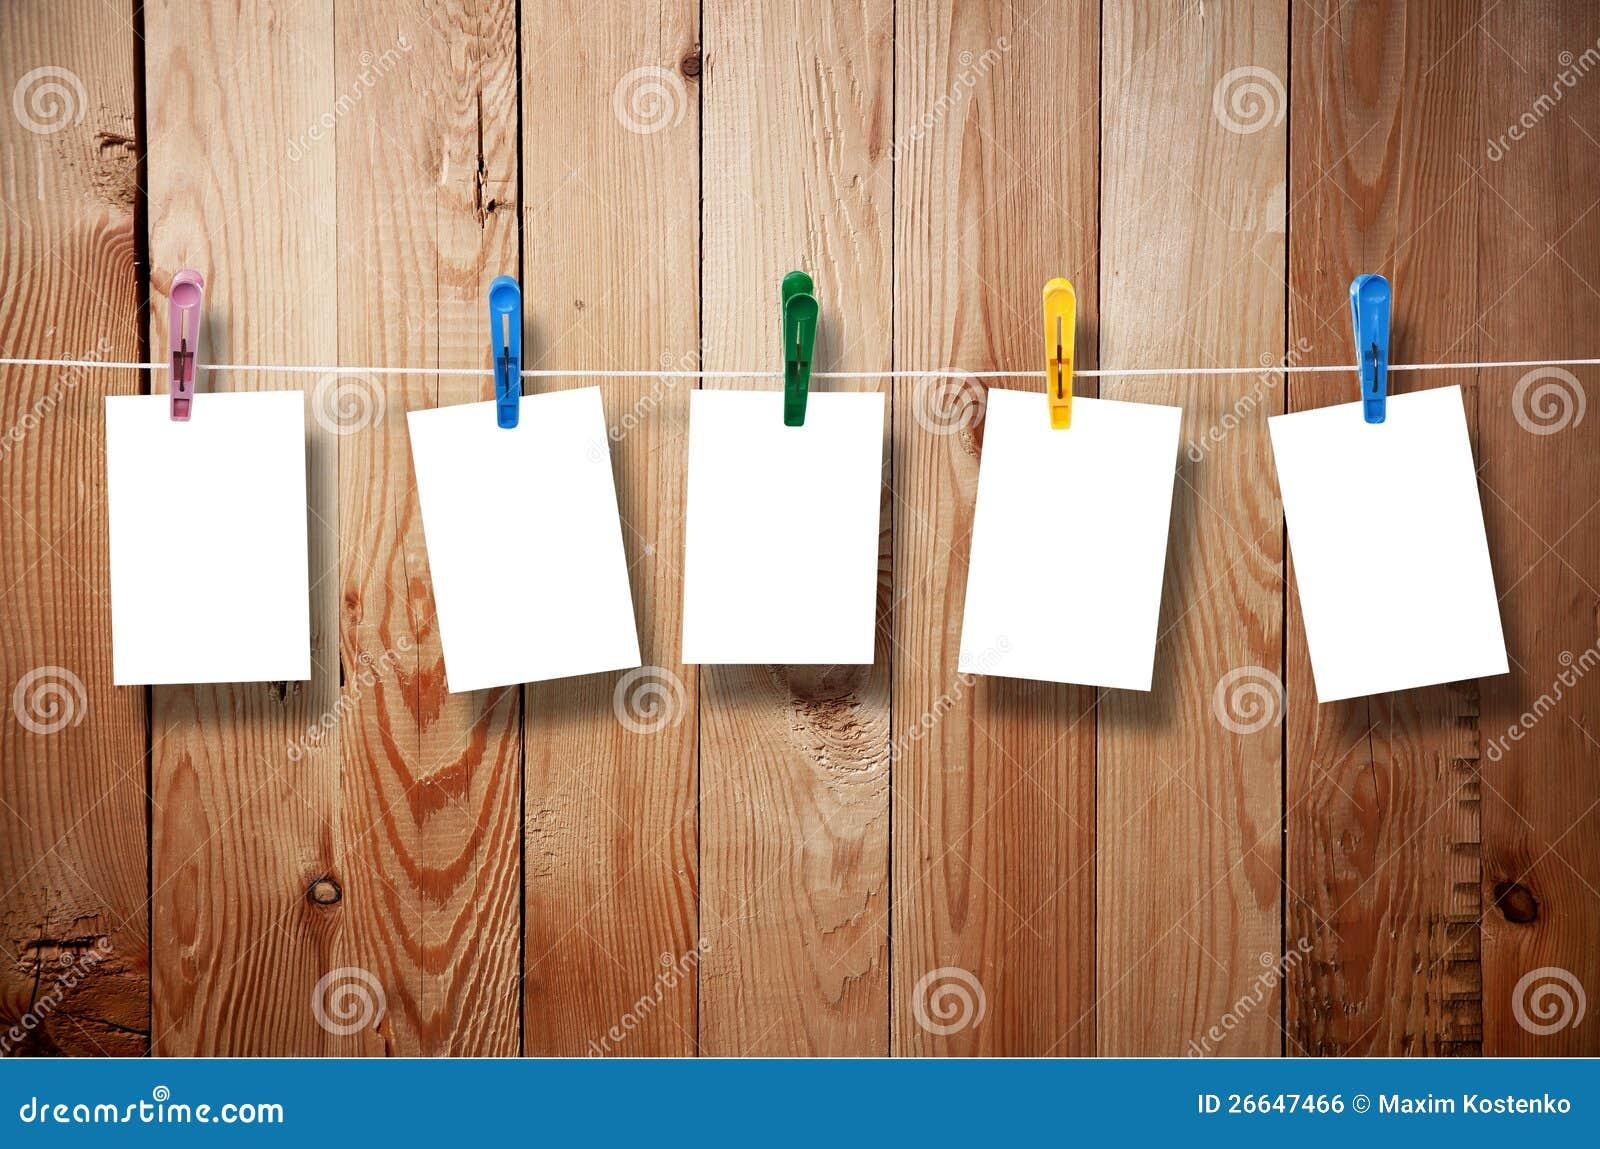 Bilderrahmen Wäscheleine unbelegter bilderrahmen der an der wäscheleine hängt stockfoto